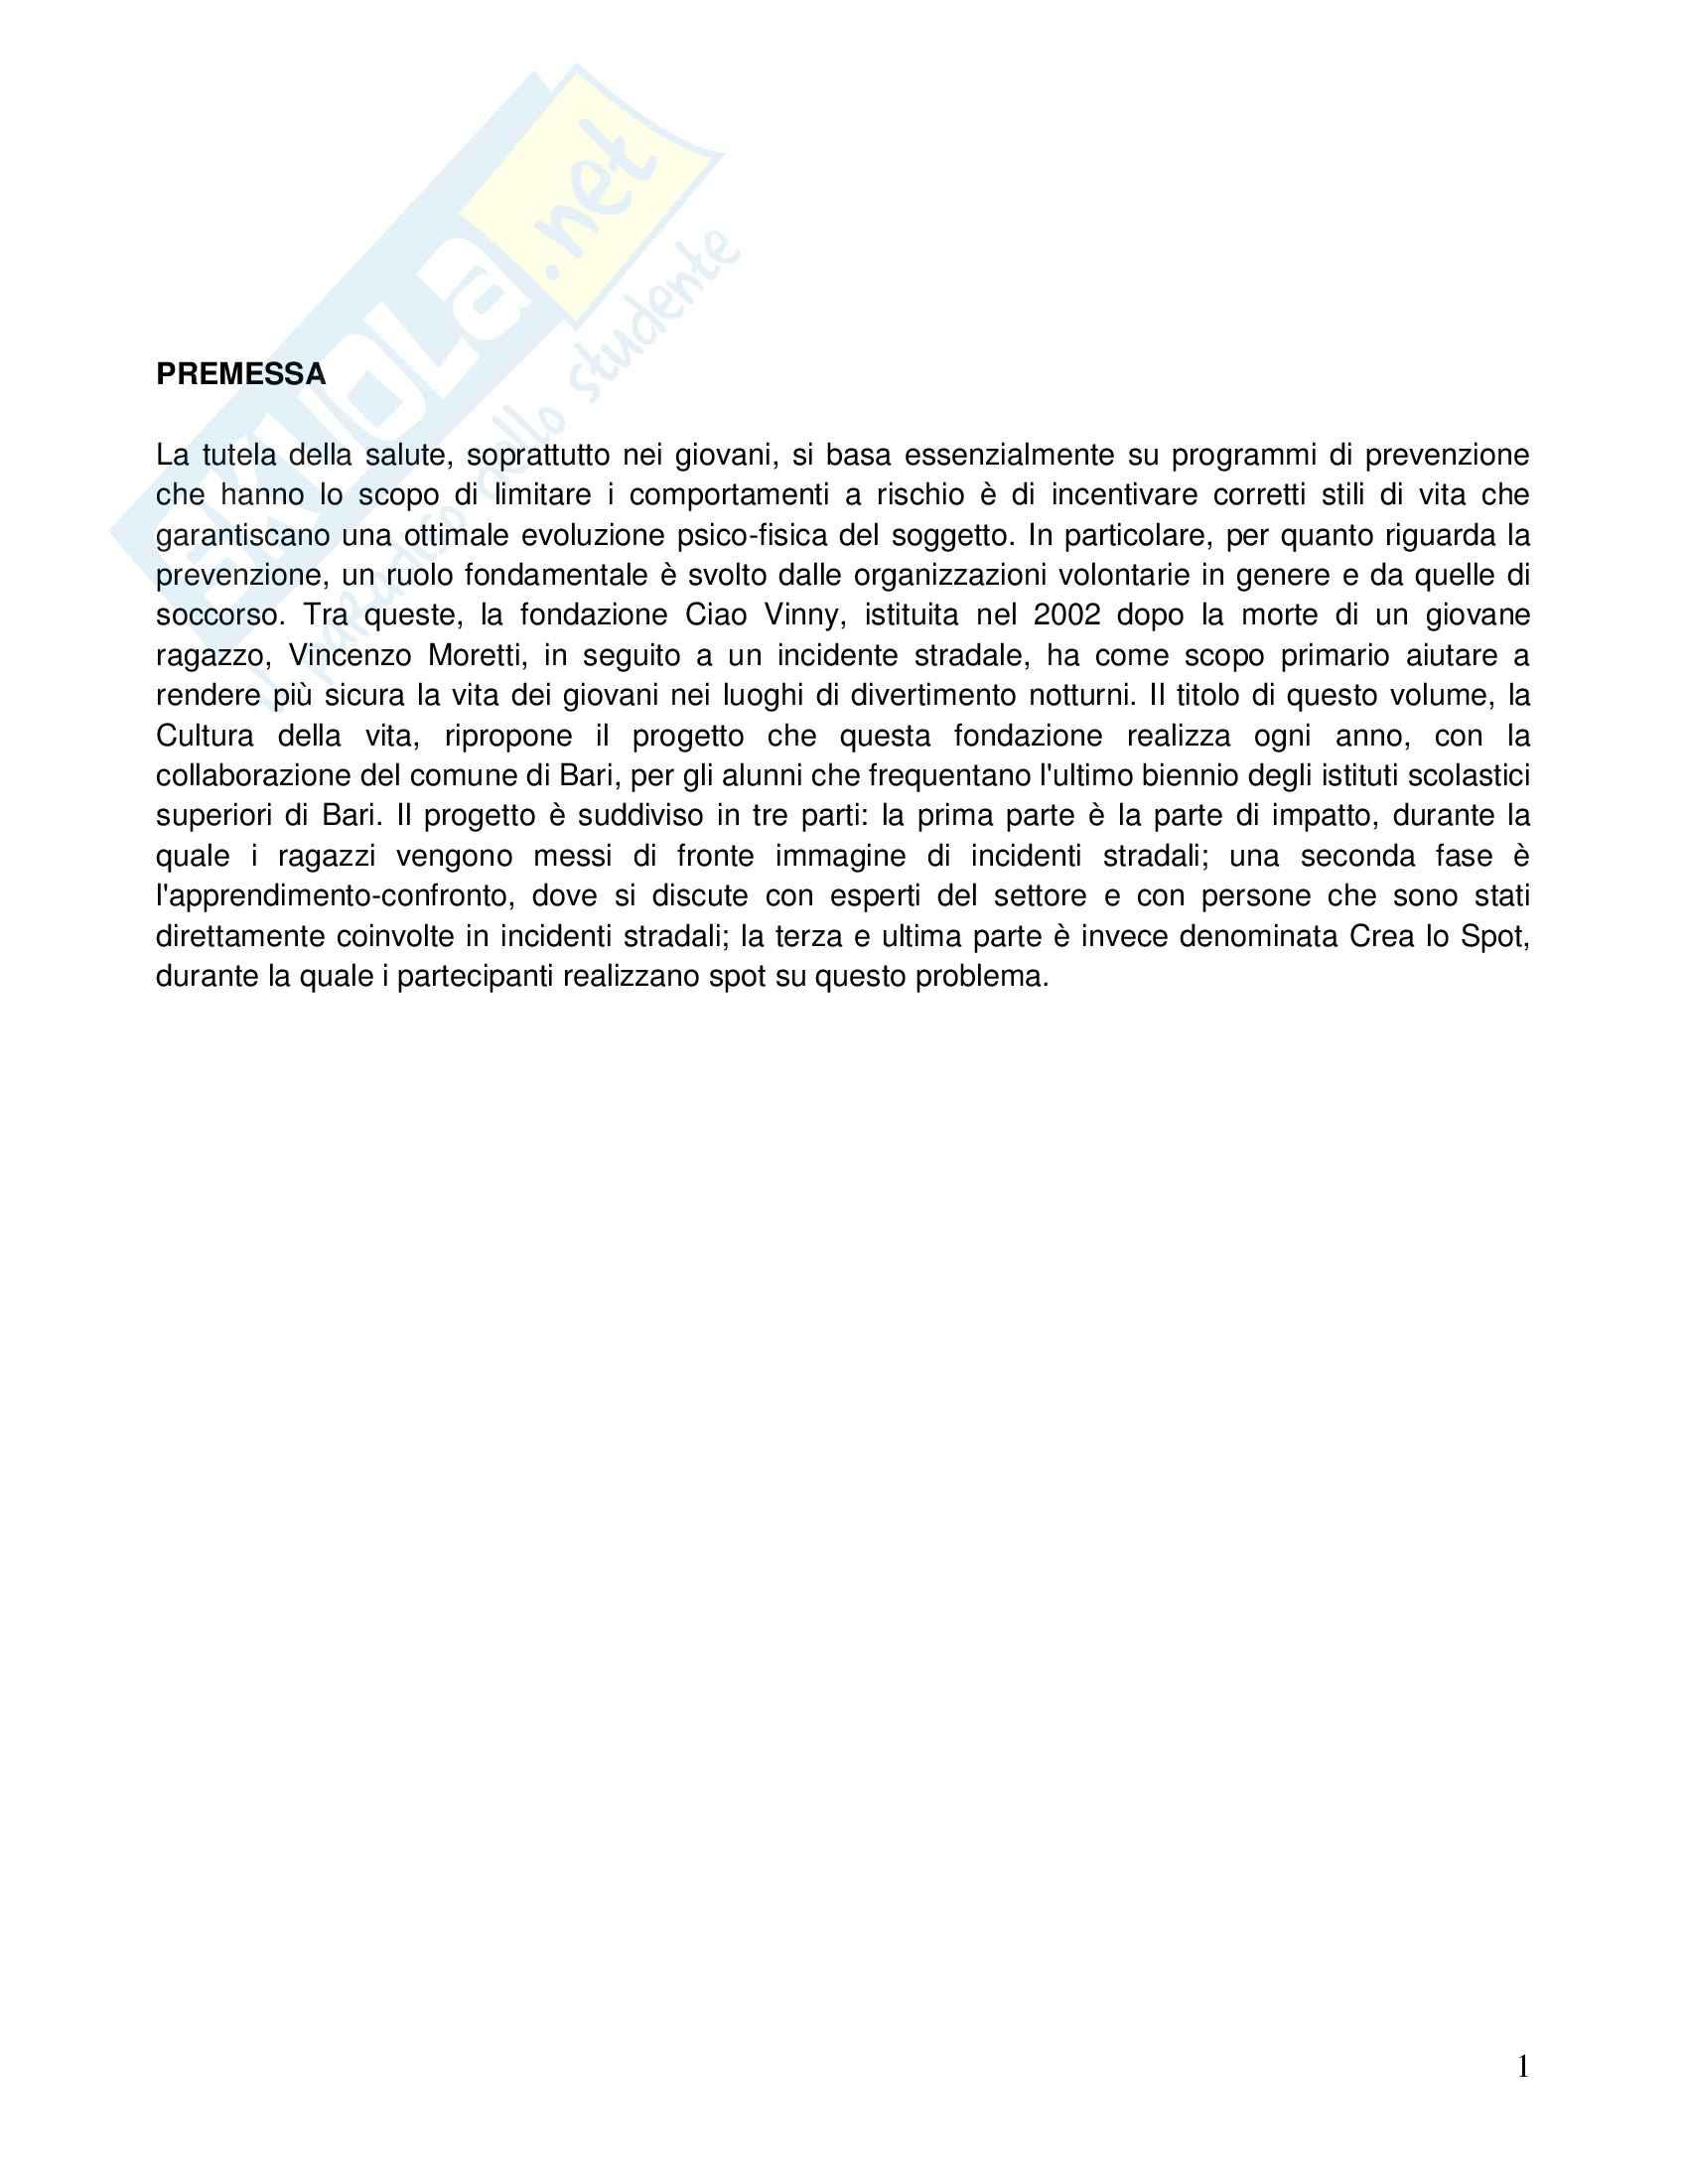 Riassunto esame Demografia, prof. Da Molin, libro consigliato Cultura della vita. Indagini sociodemogragiche sui giovani